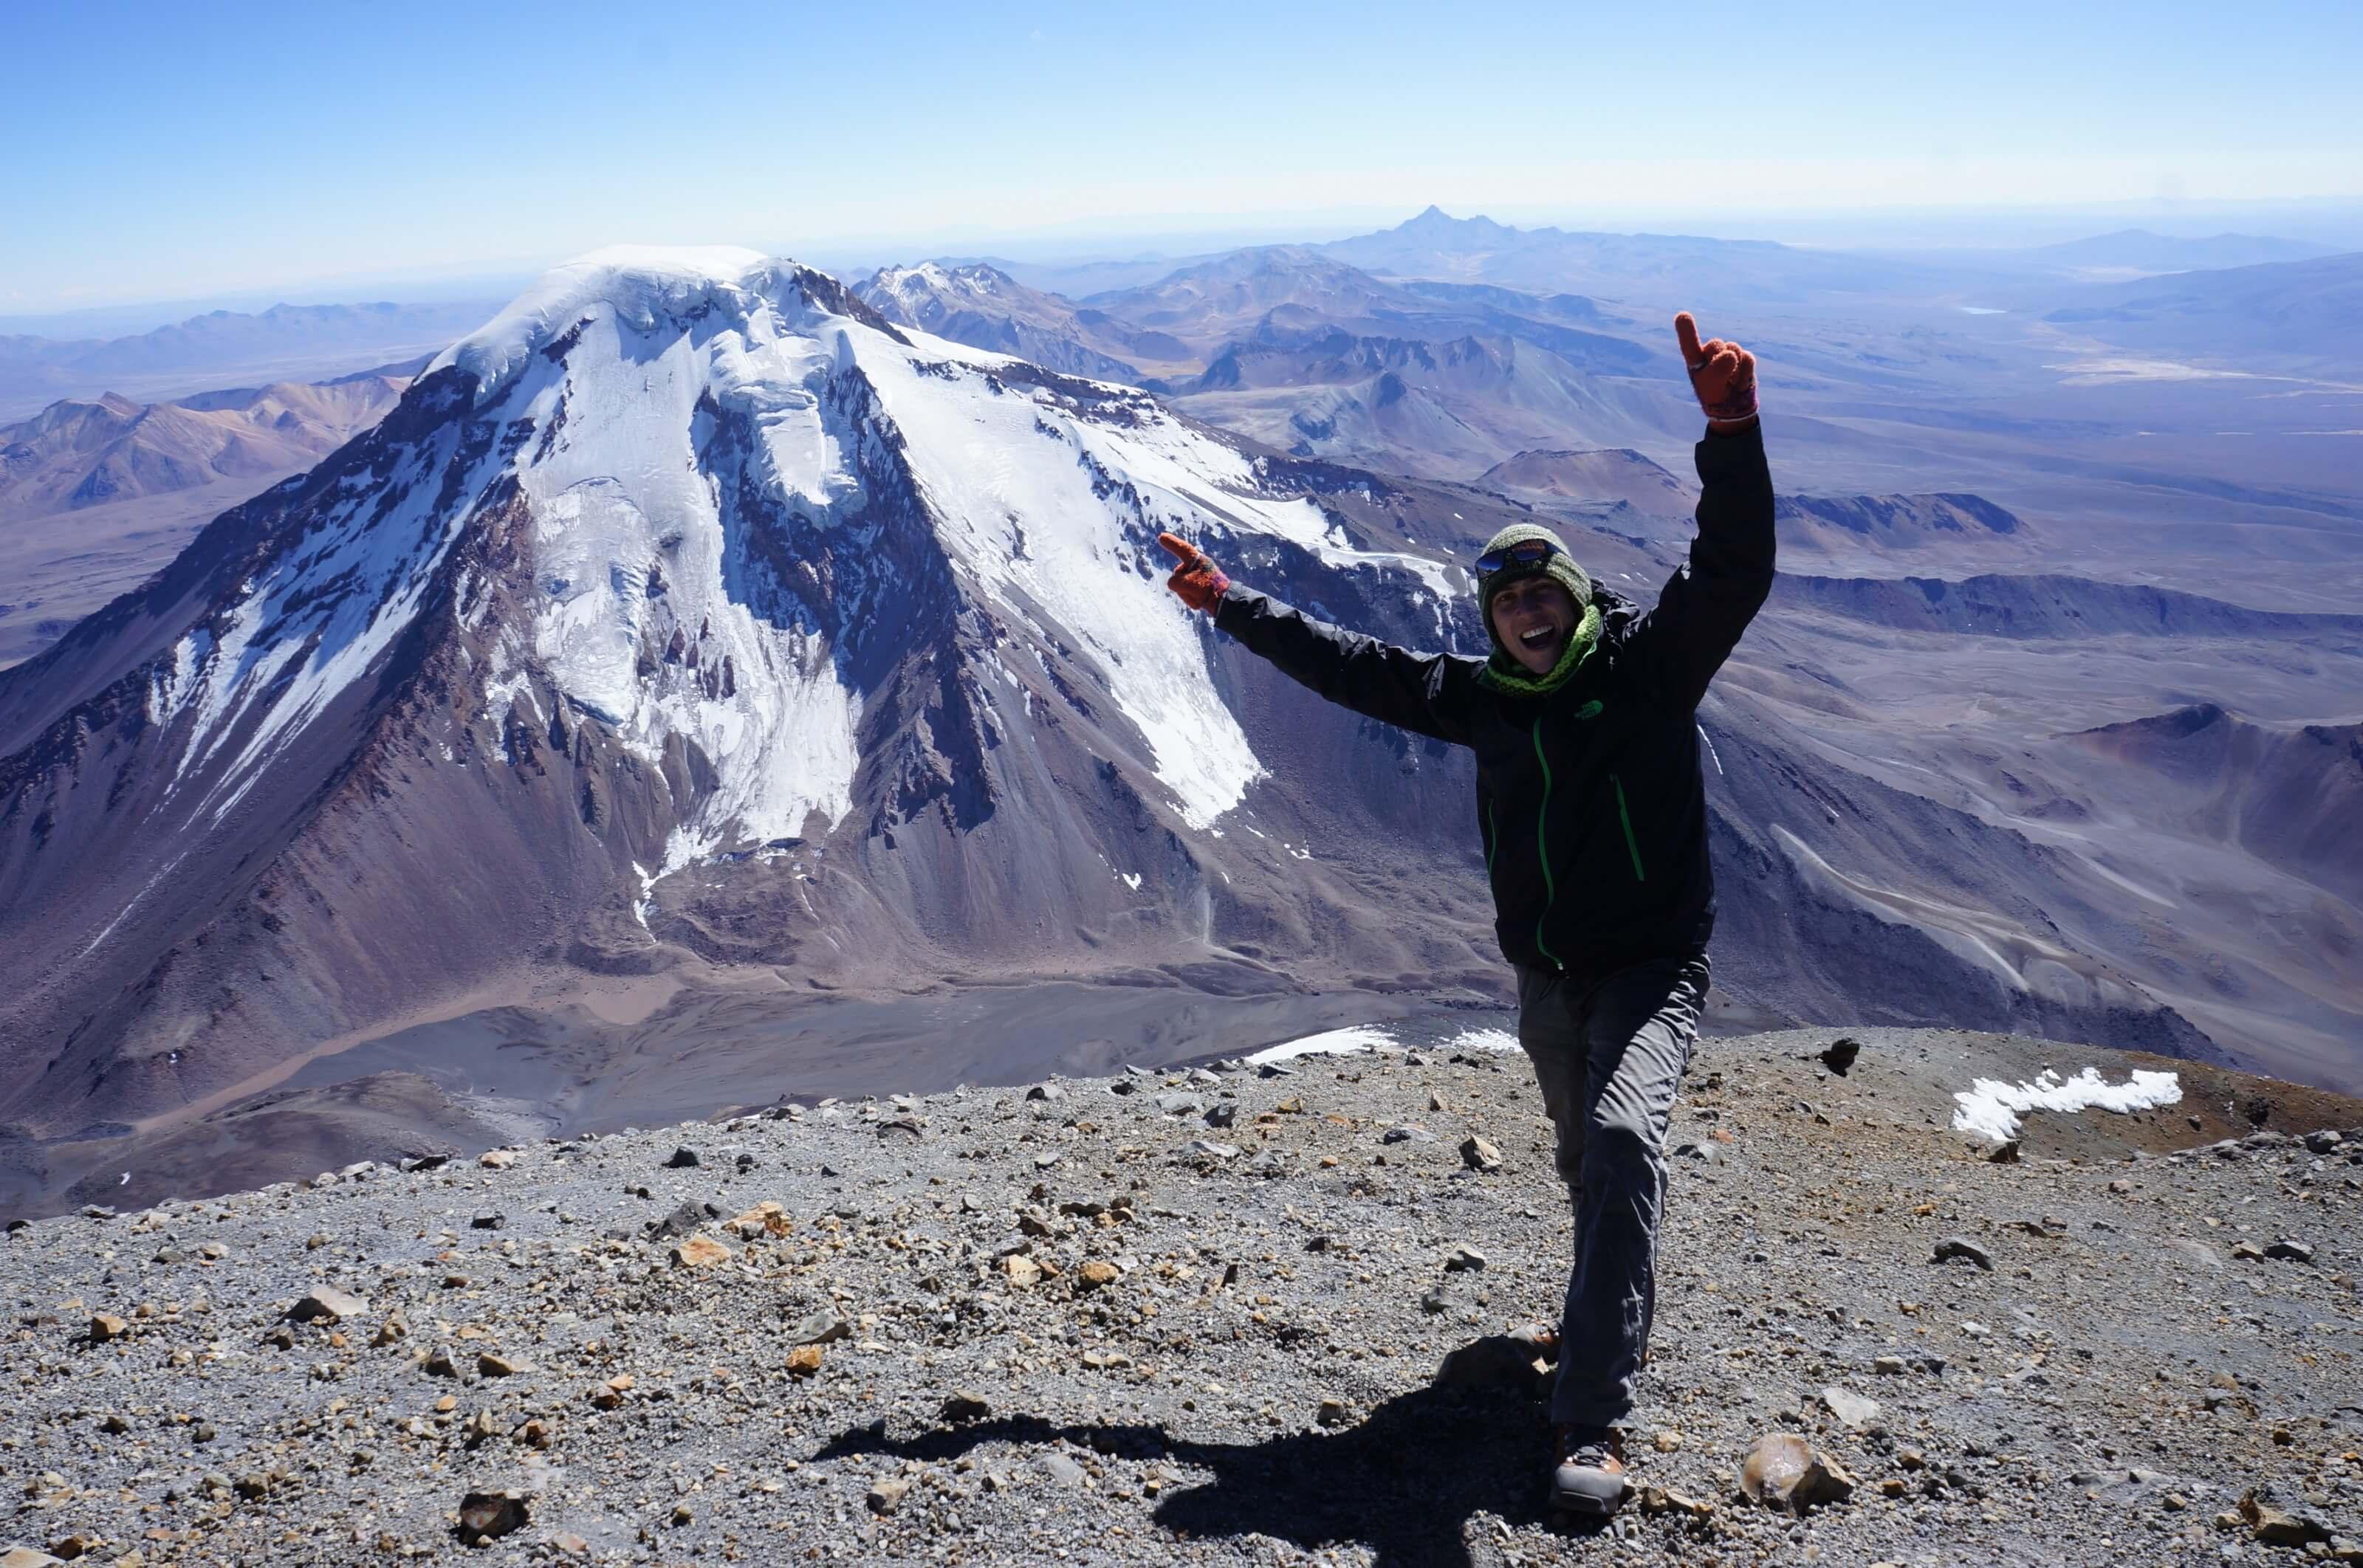 climbing mountains in Bolivia